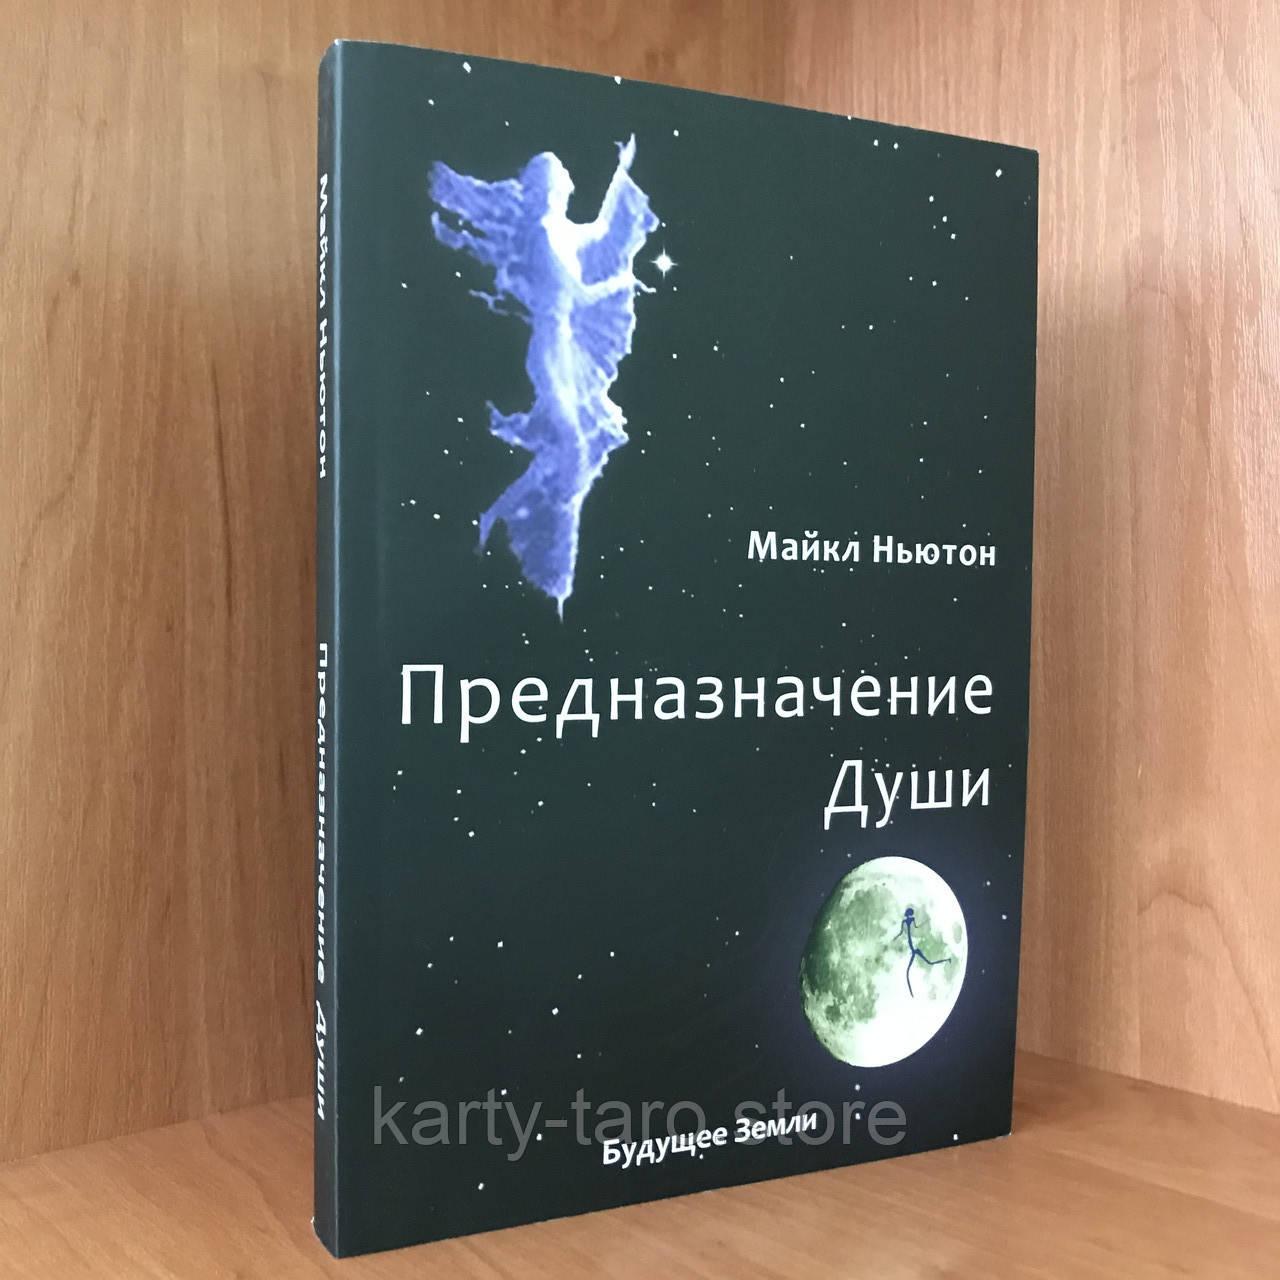 Книга Предназначение Души -  Майкл Ньютон